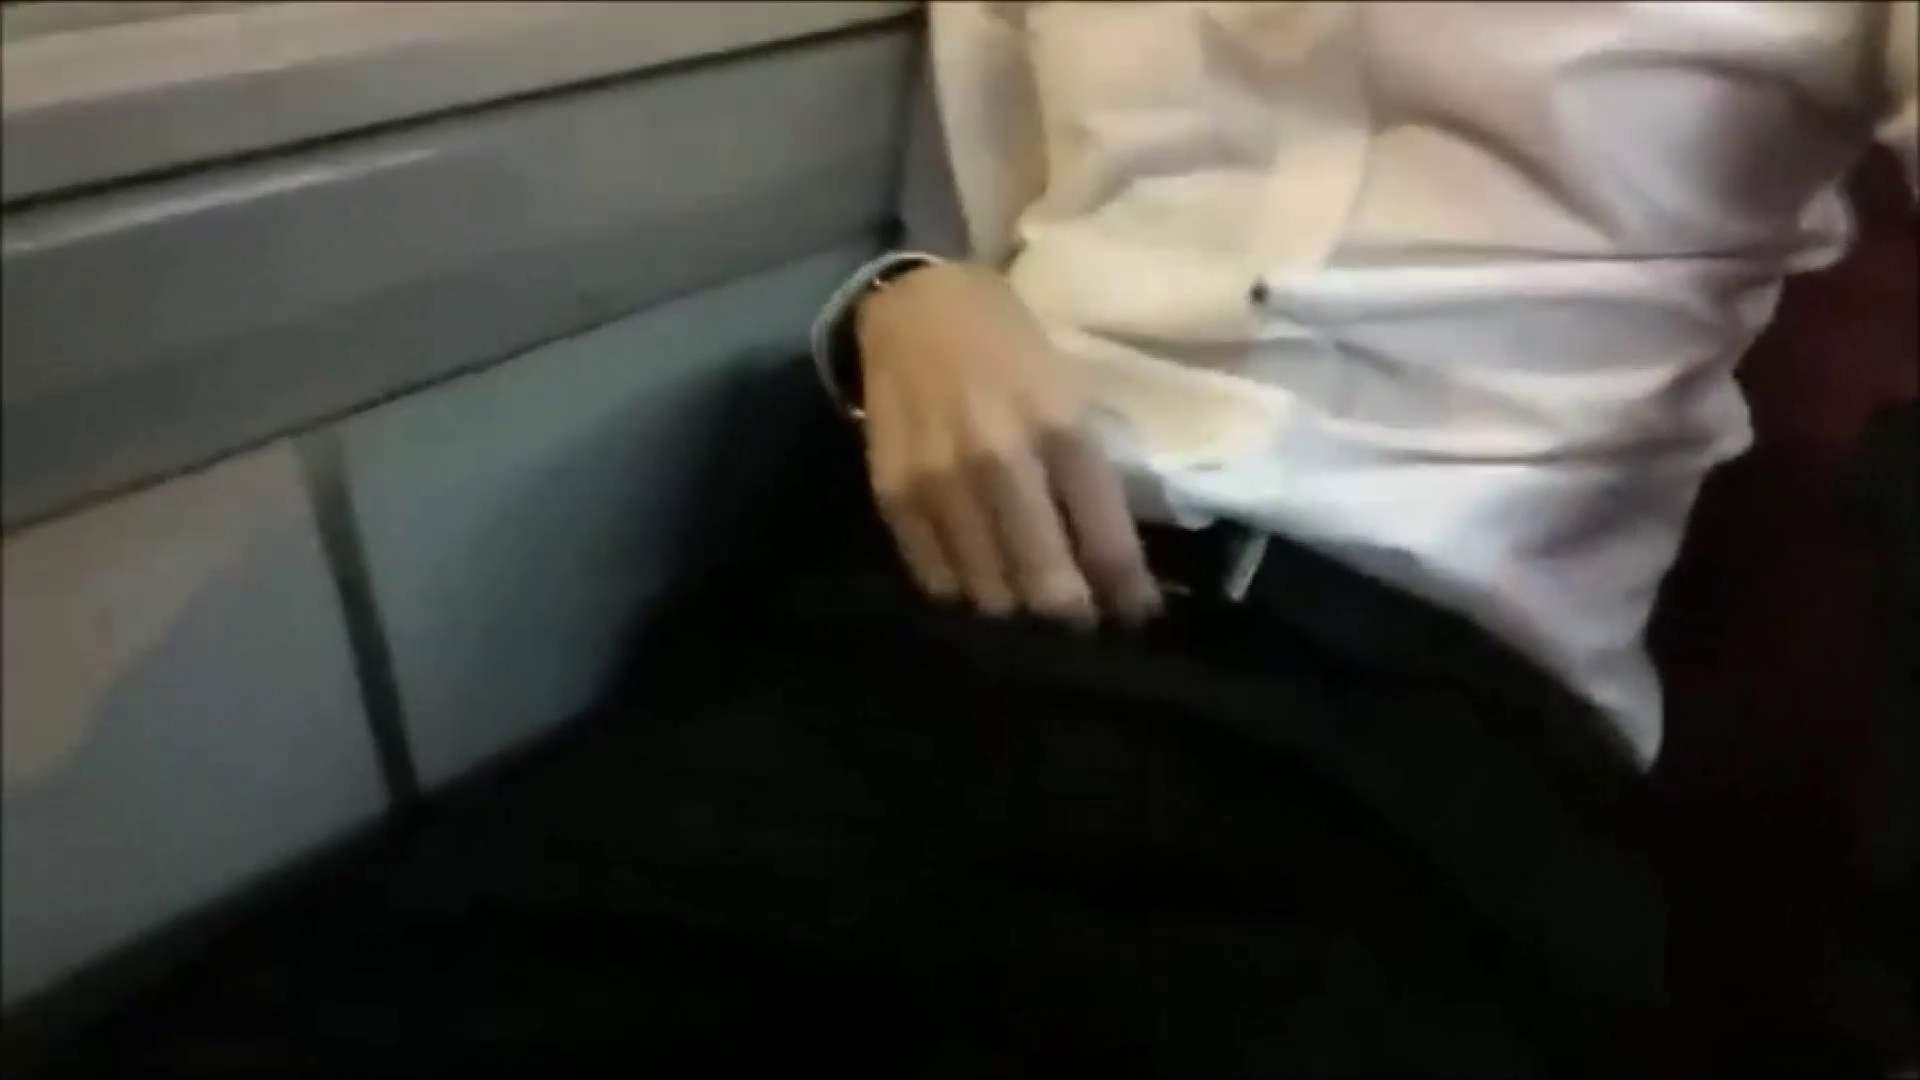 巨根 オナニー塾Vol.13 野外露出 ゲイ素人エロ画像 102枚 6